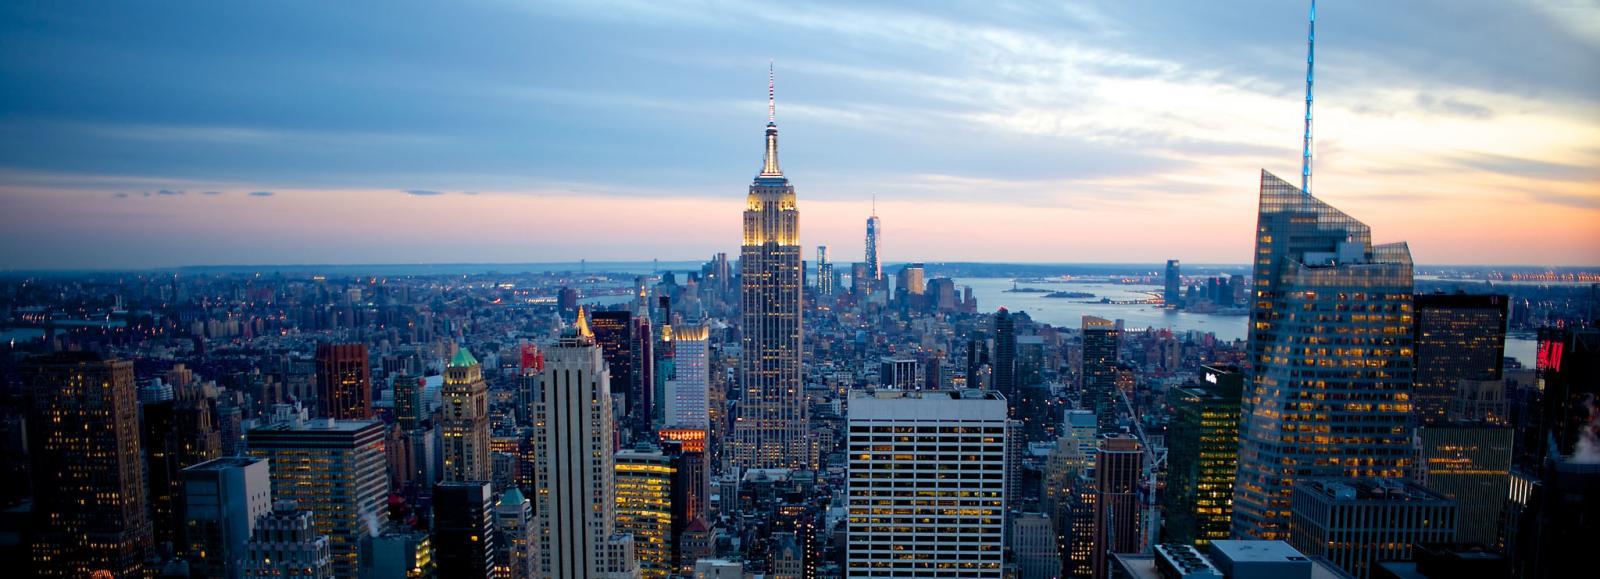 Edificio Empire State Building